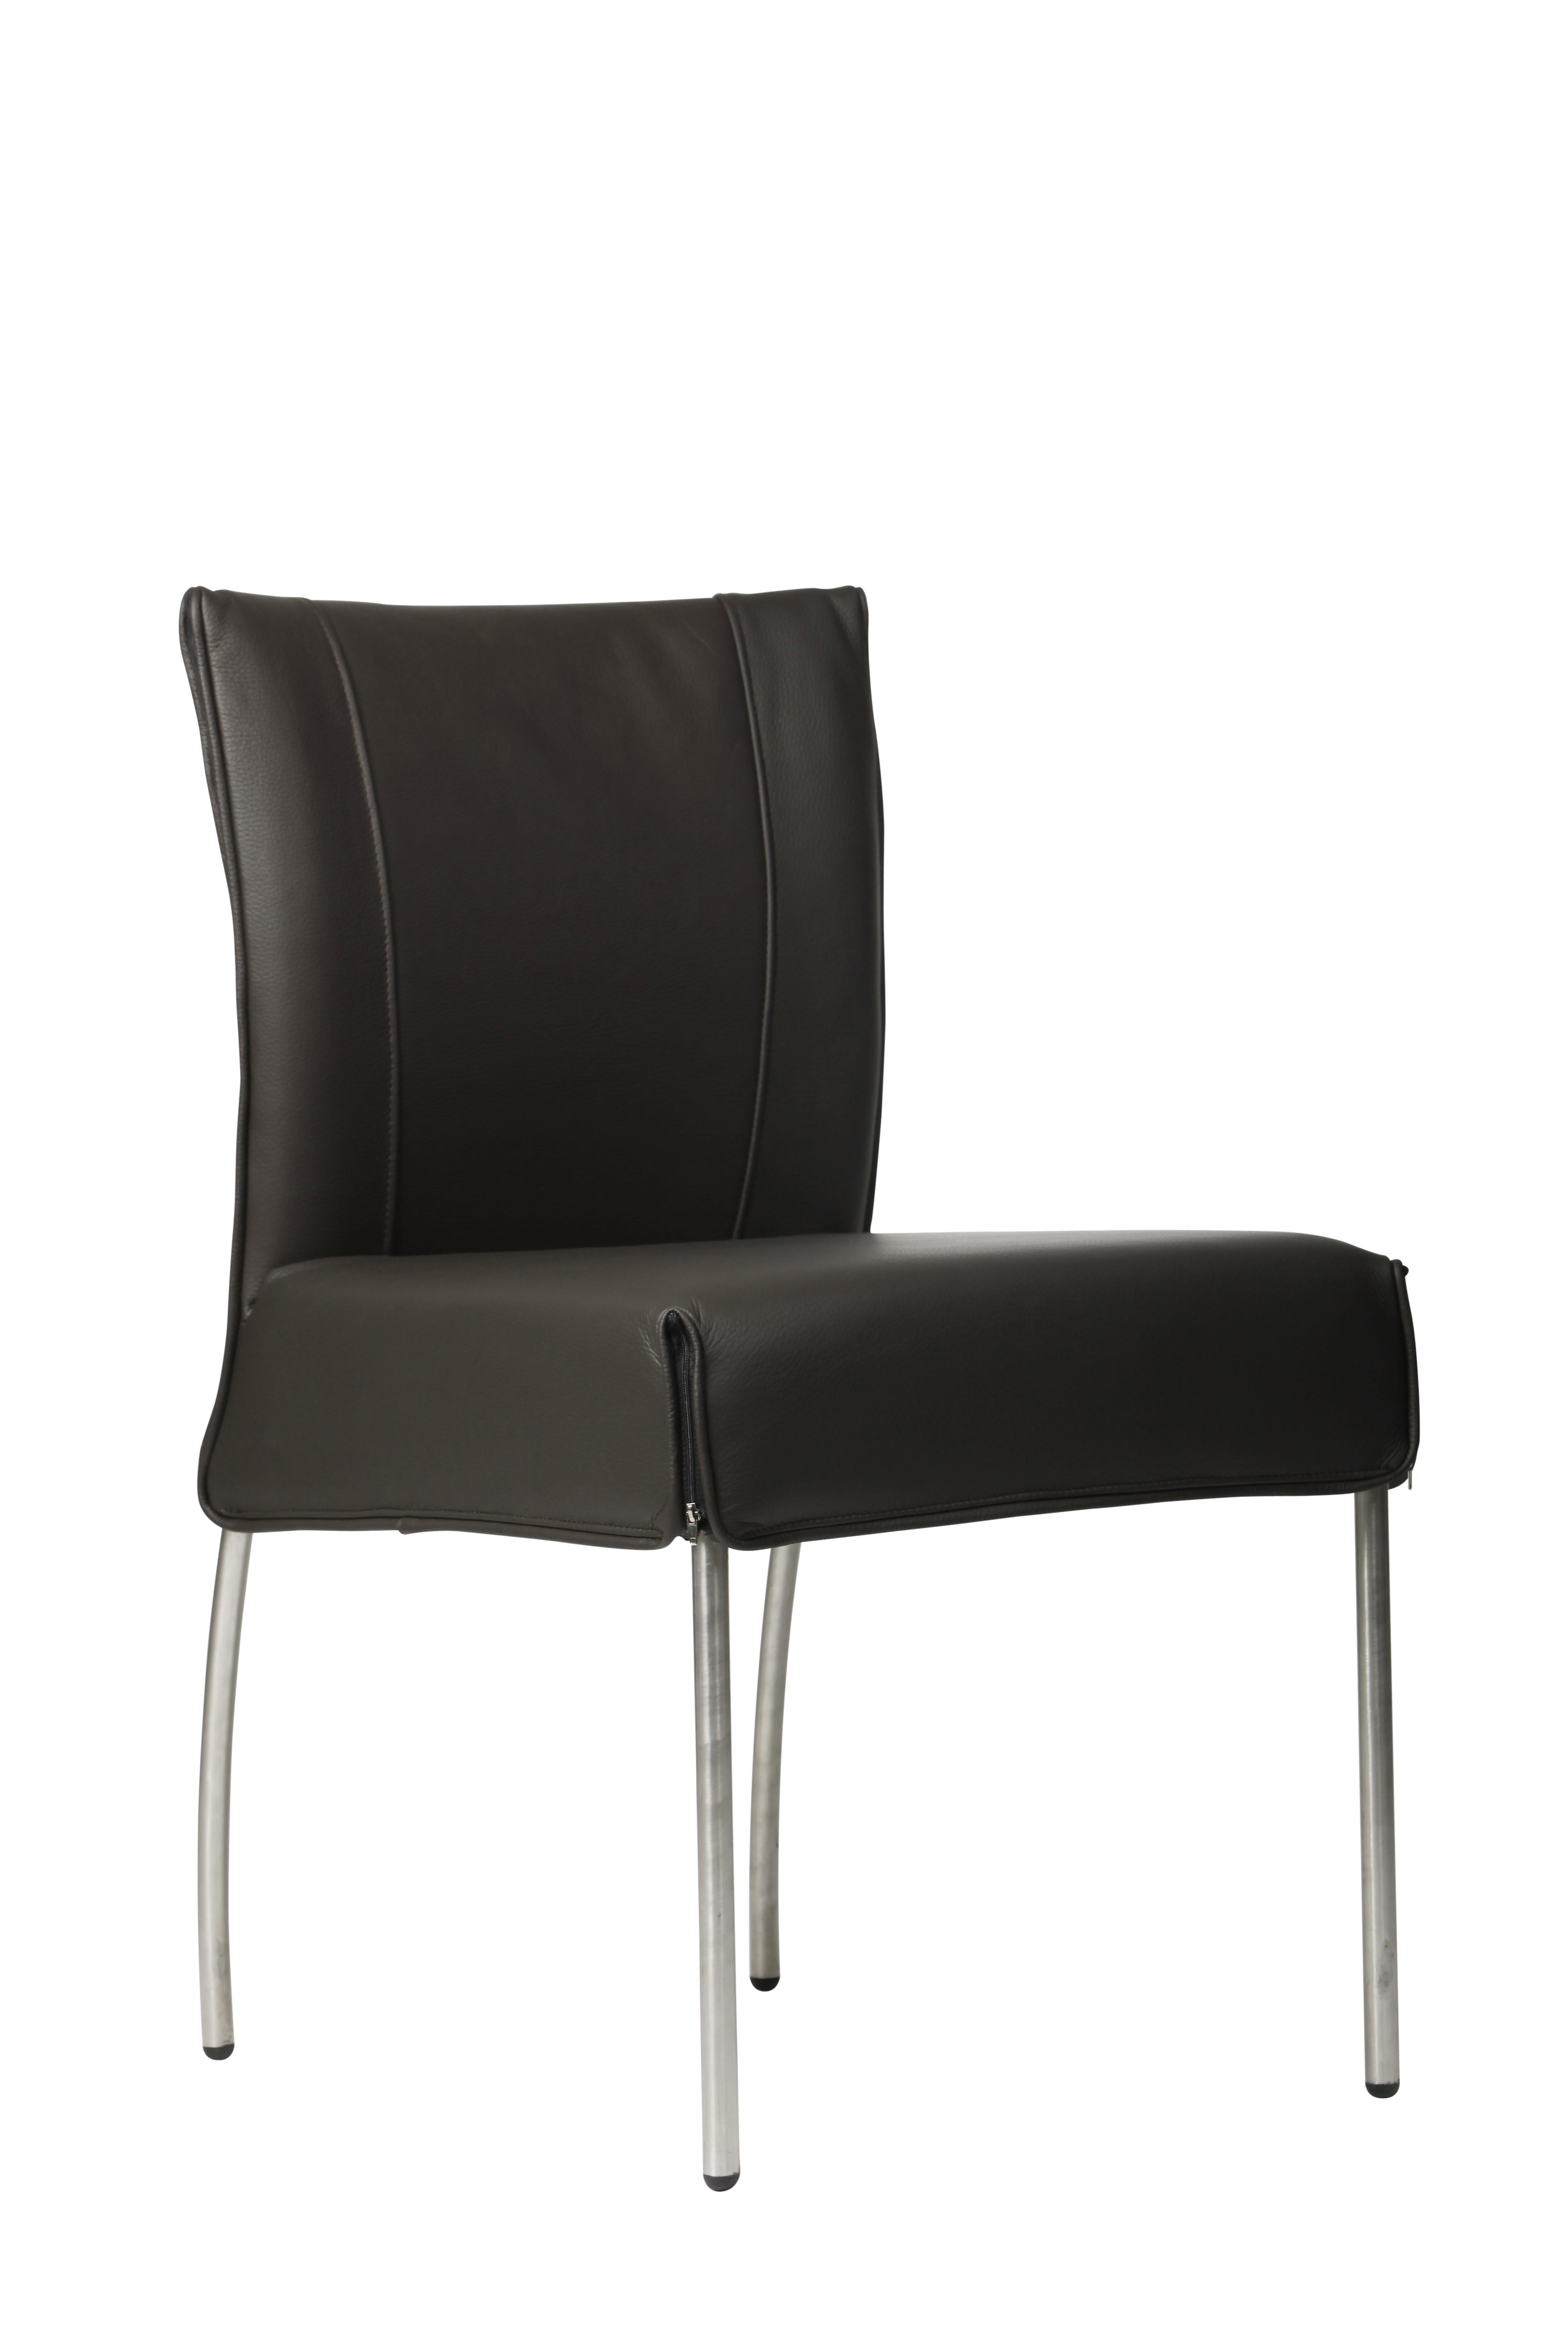 Stoelen uitverkoop aanbiedingen en outlet for Outlet stoelen